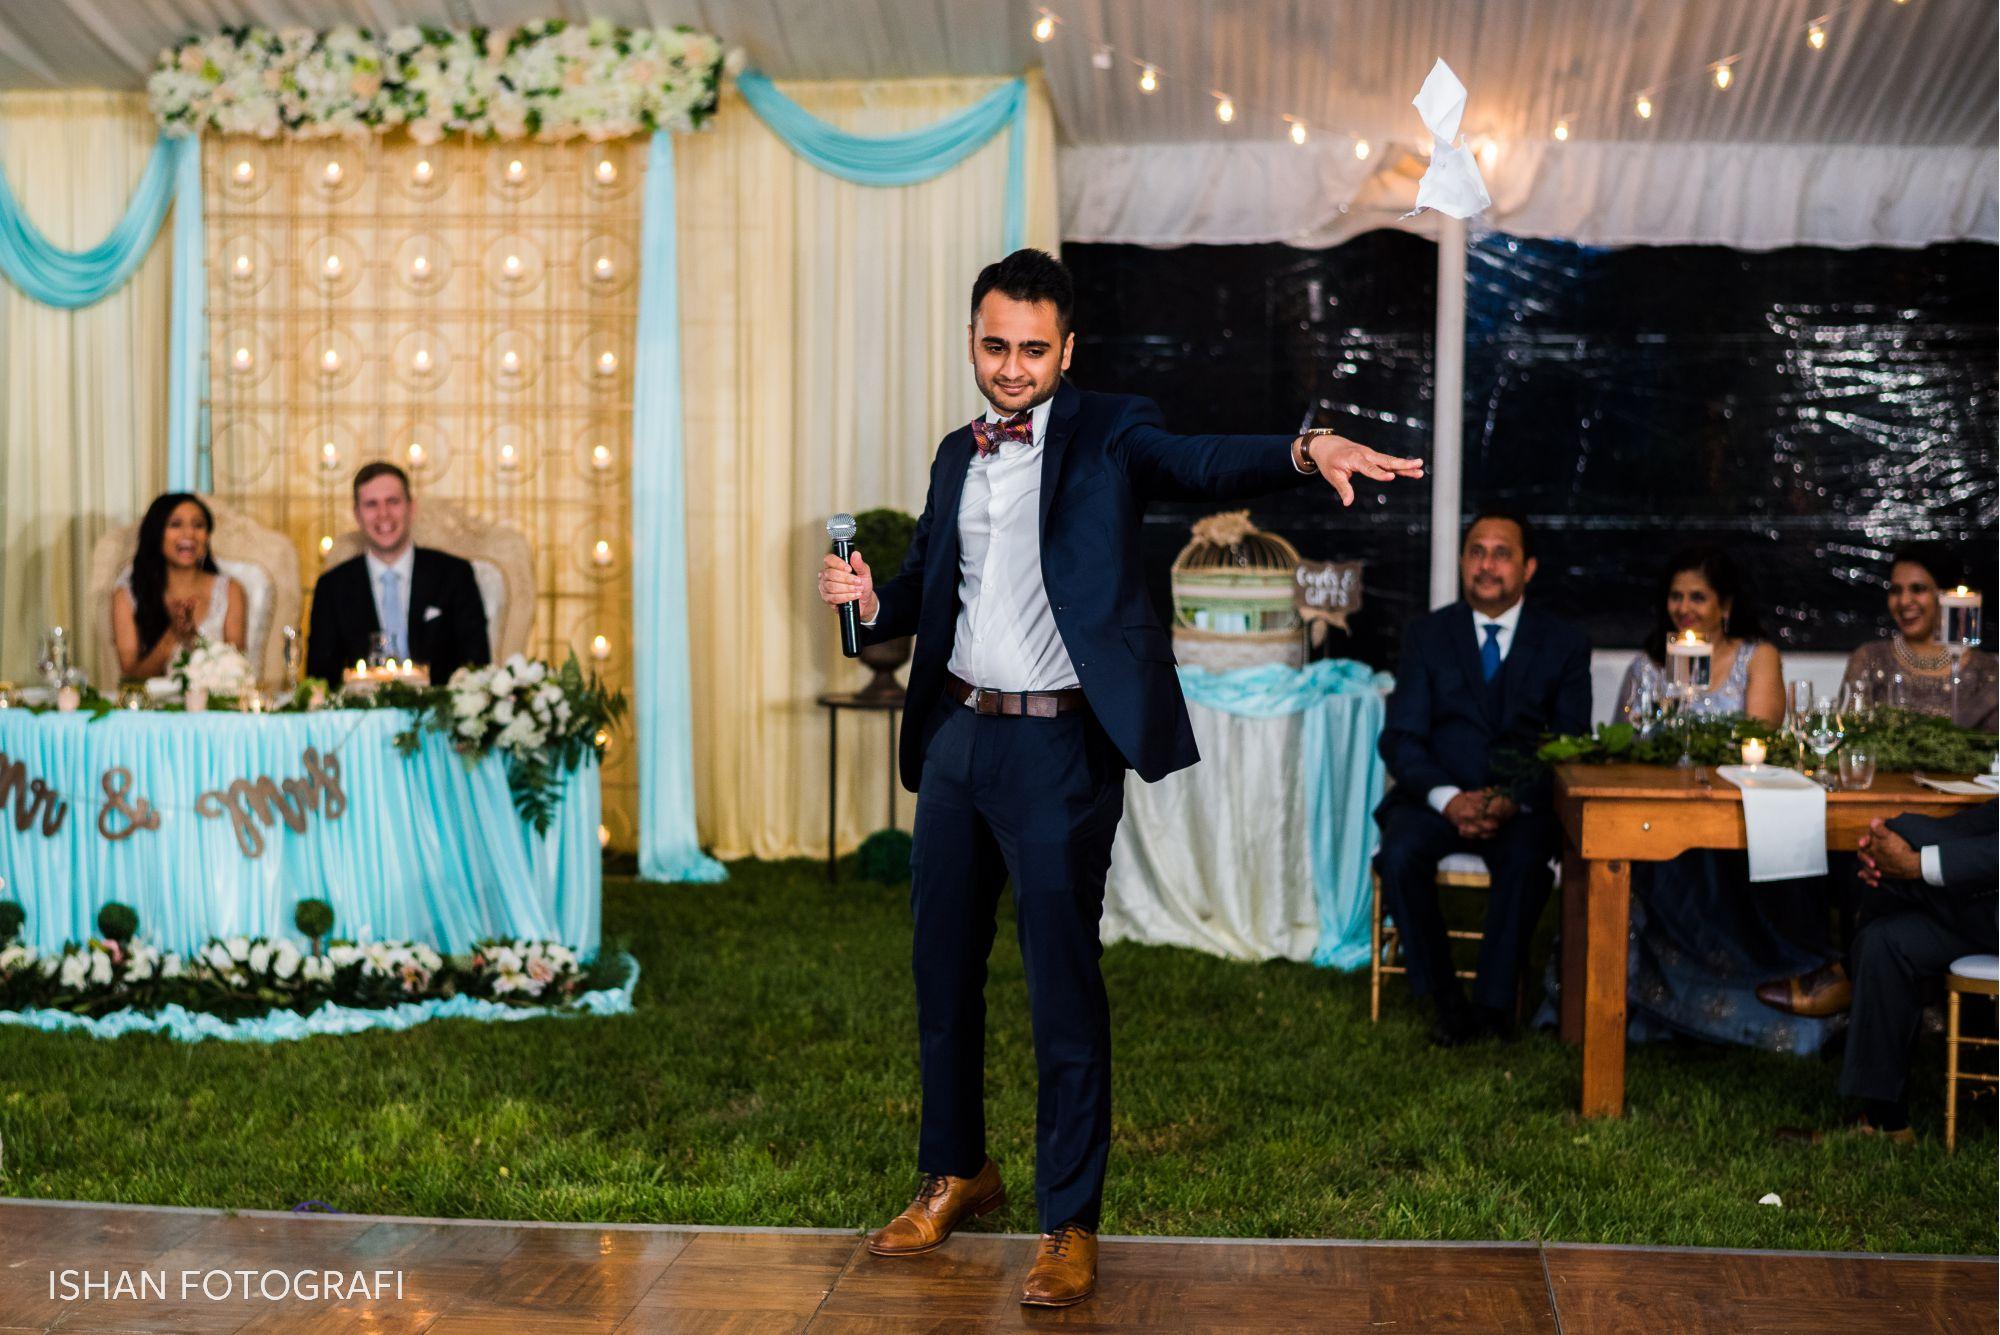 wedding-speeches-kent-manor-inn